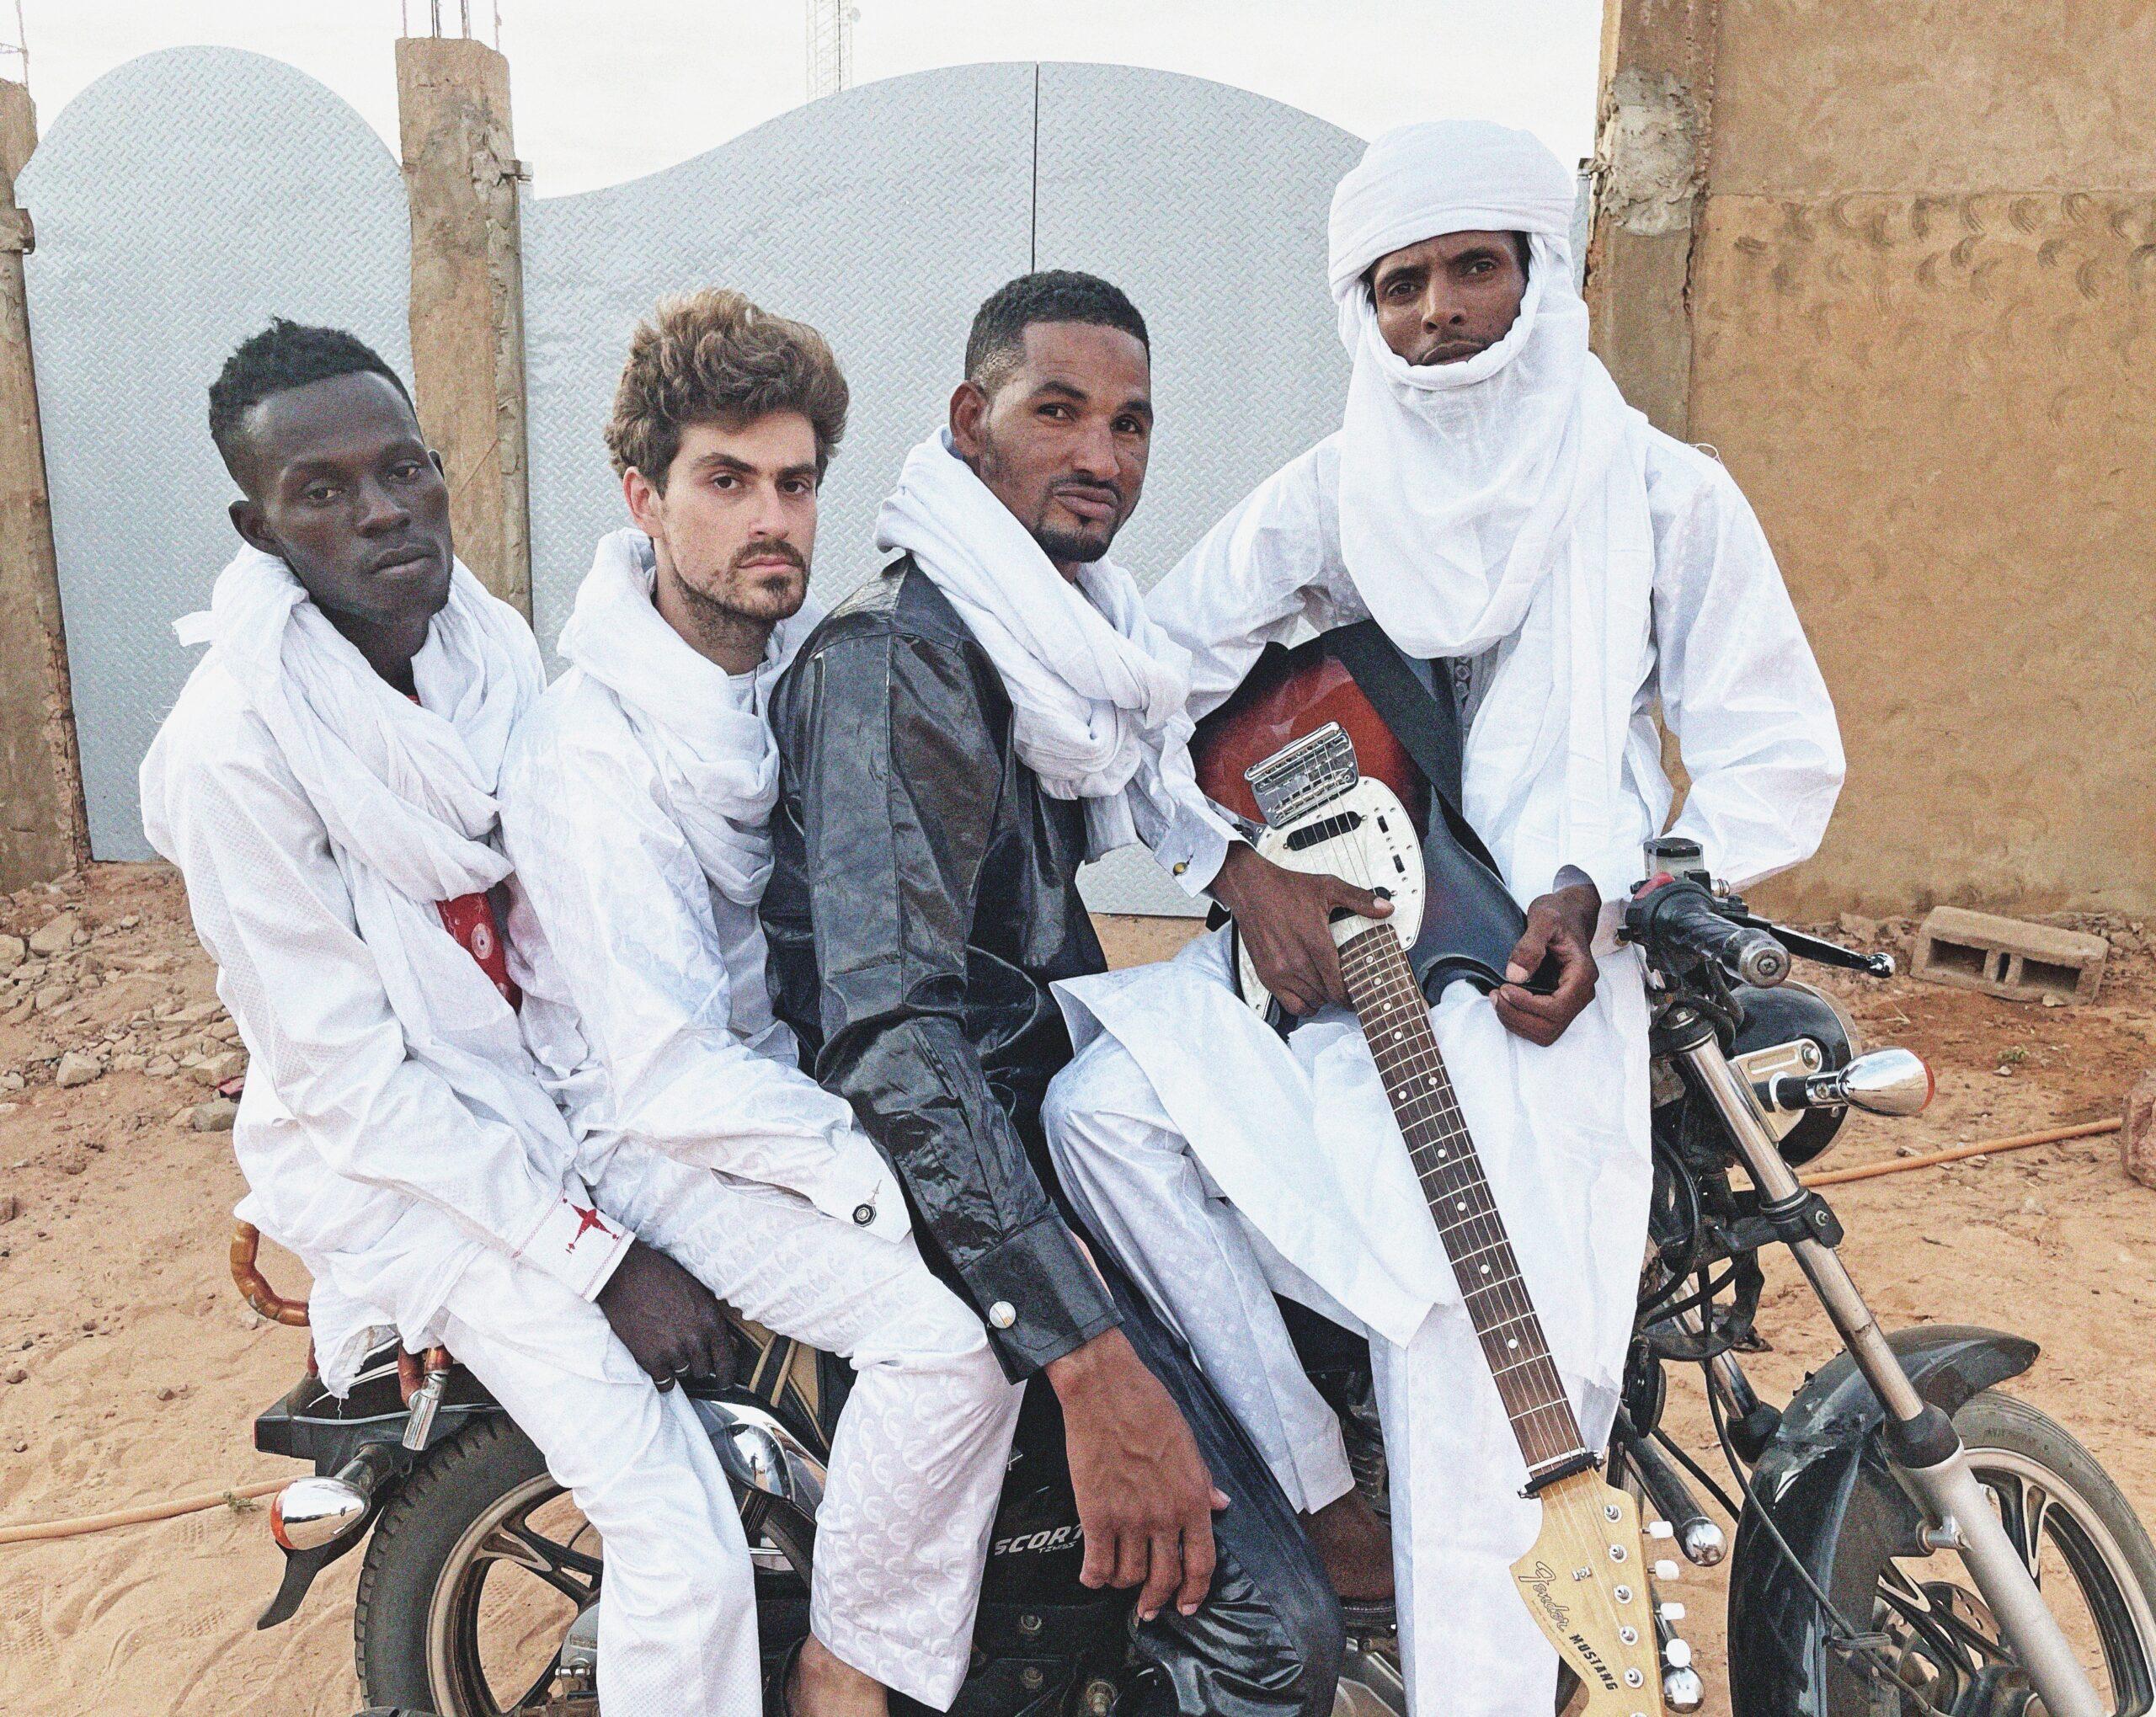 Mdou Moctar bringt uns den heißesten Wüstenrock unter der Saharasonne